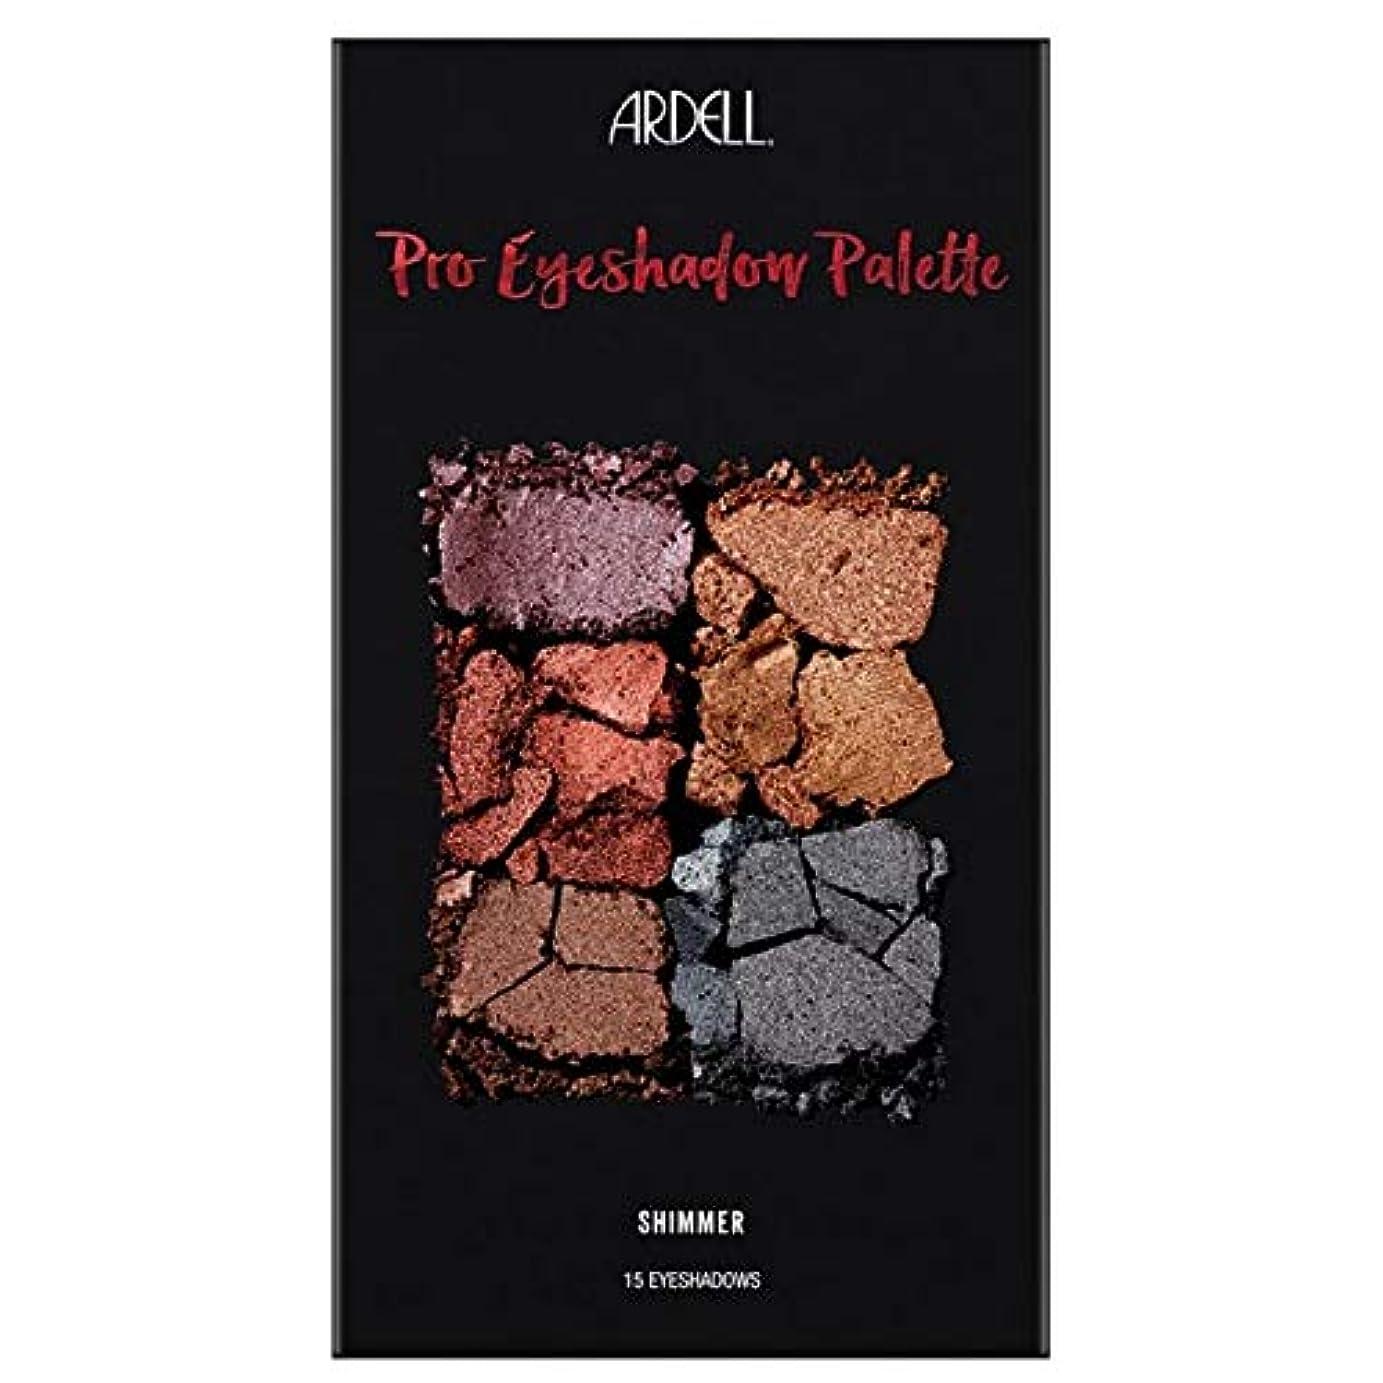 閲覧するクロスチェスをする[Ardell] Ardell美のプロアイシャドウパレットきらめき - Ardell Beauty Pro Eyeshadow Palette Shimmer [並行輸入品]